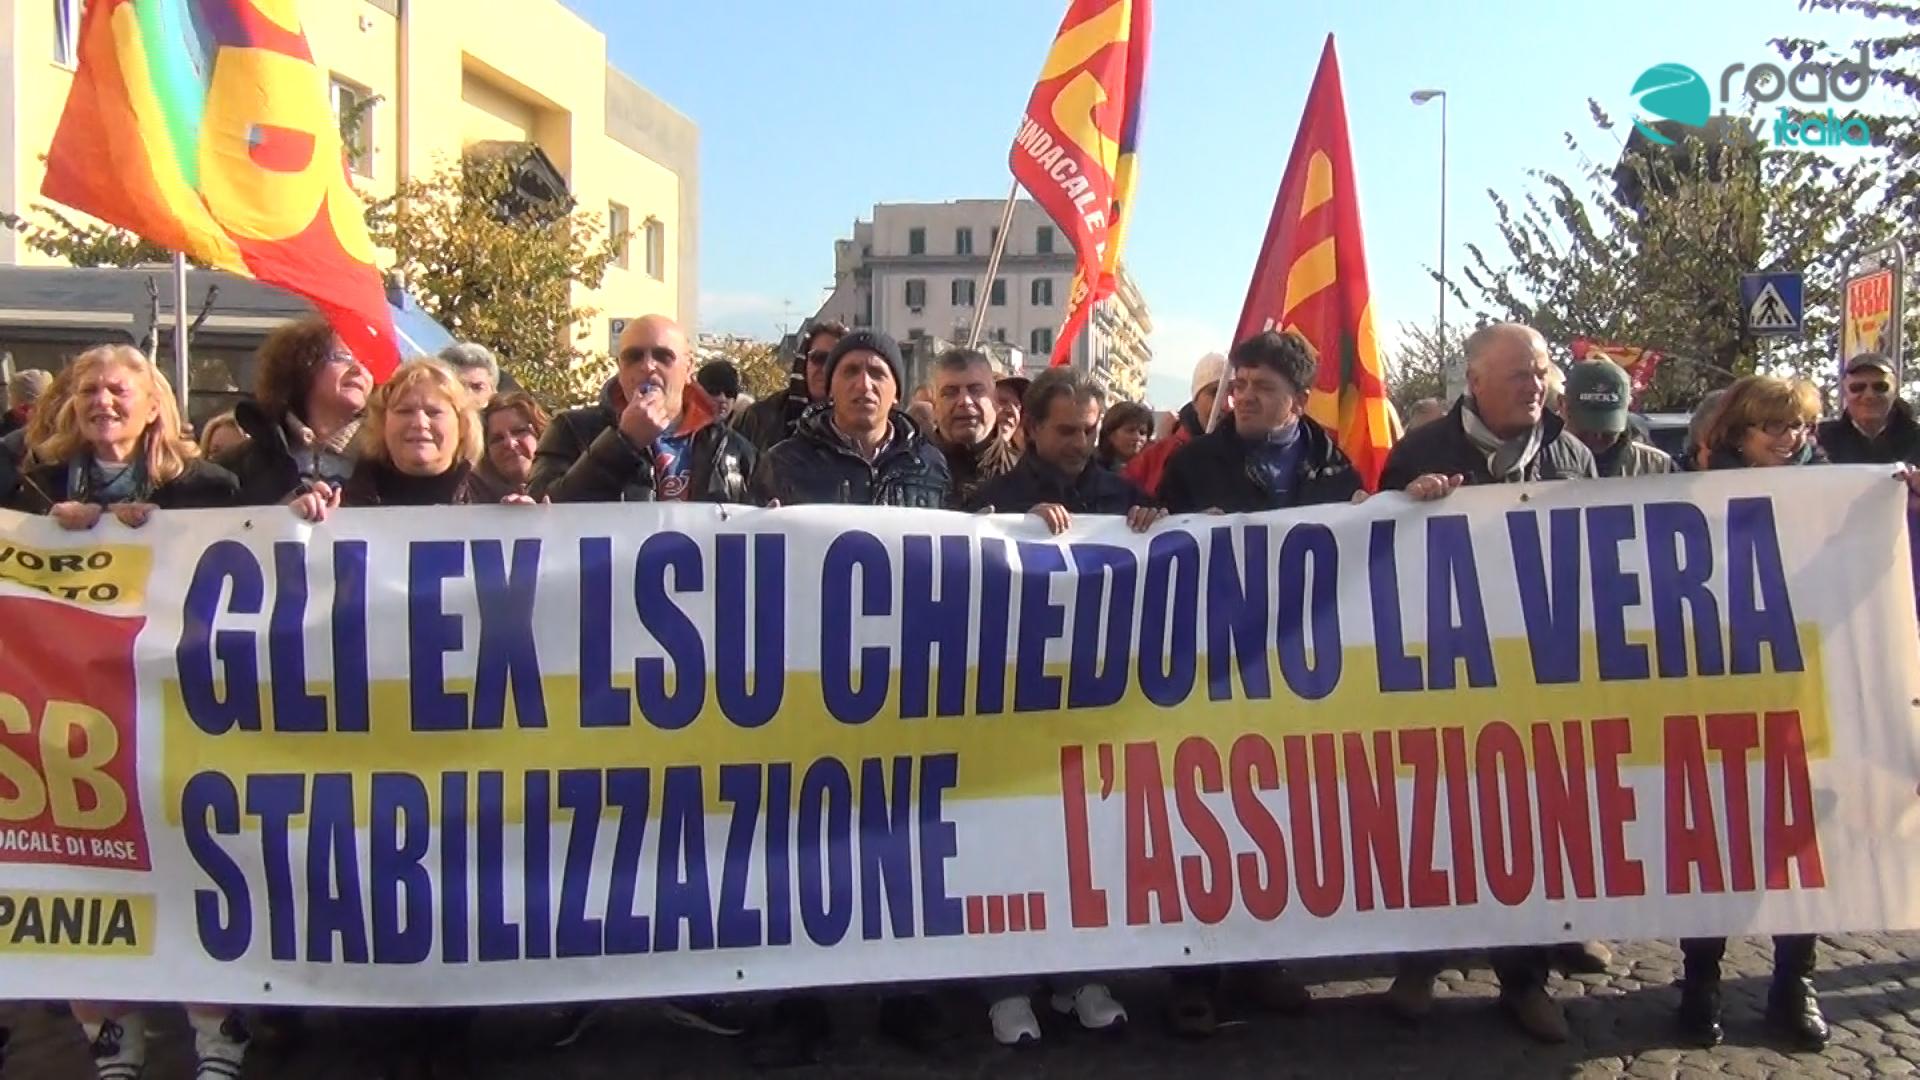 Lavoratori Ata ancora in protesta, rischiano il licenziamento collettivo (VIDEO)